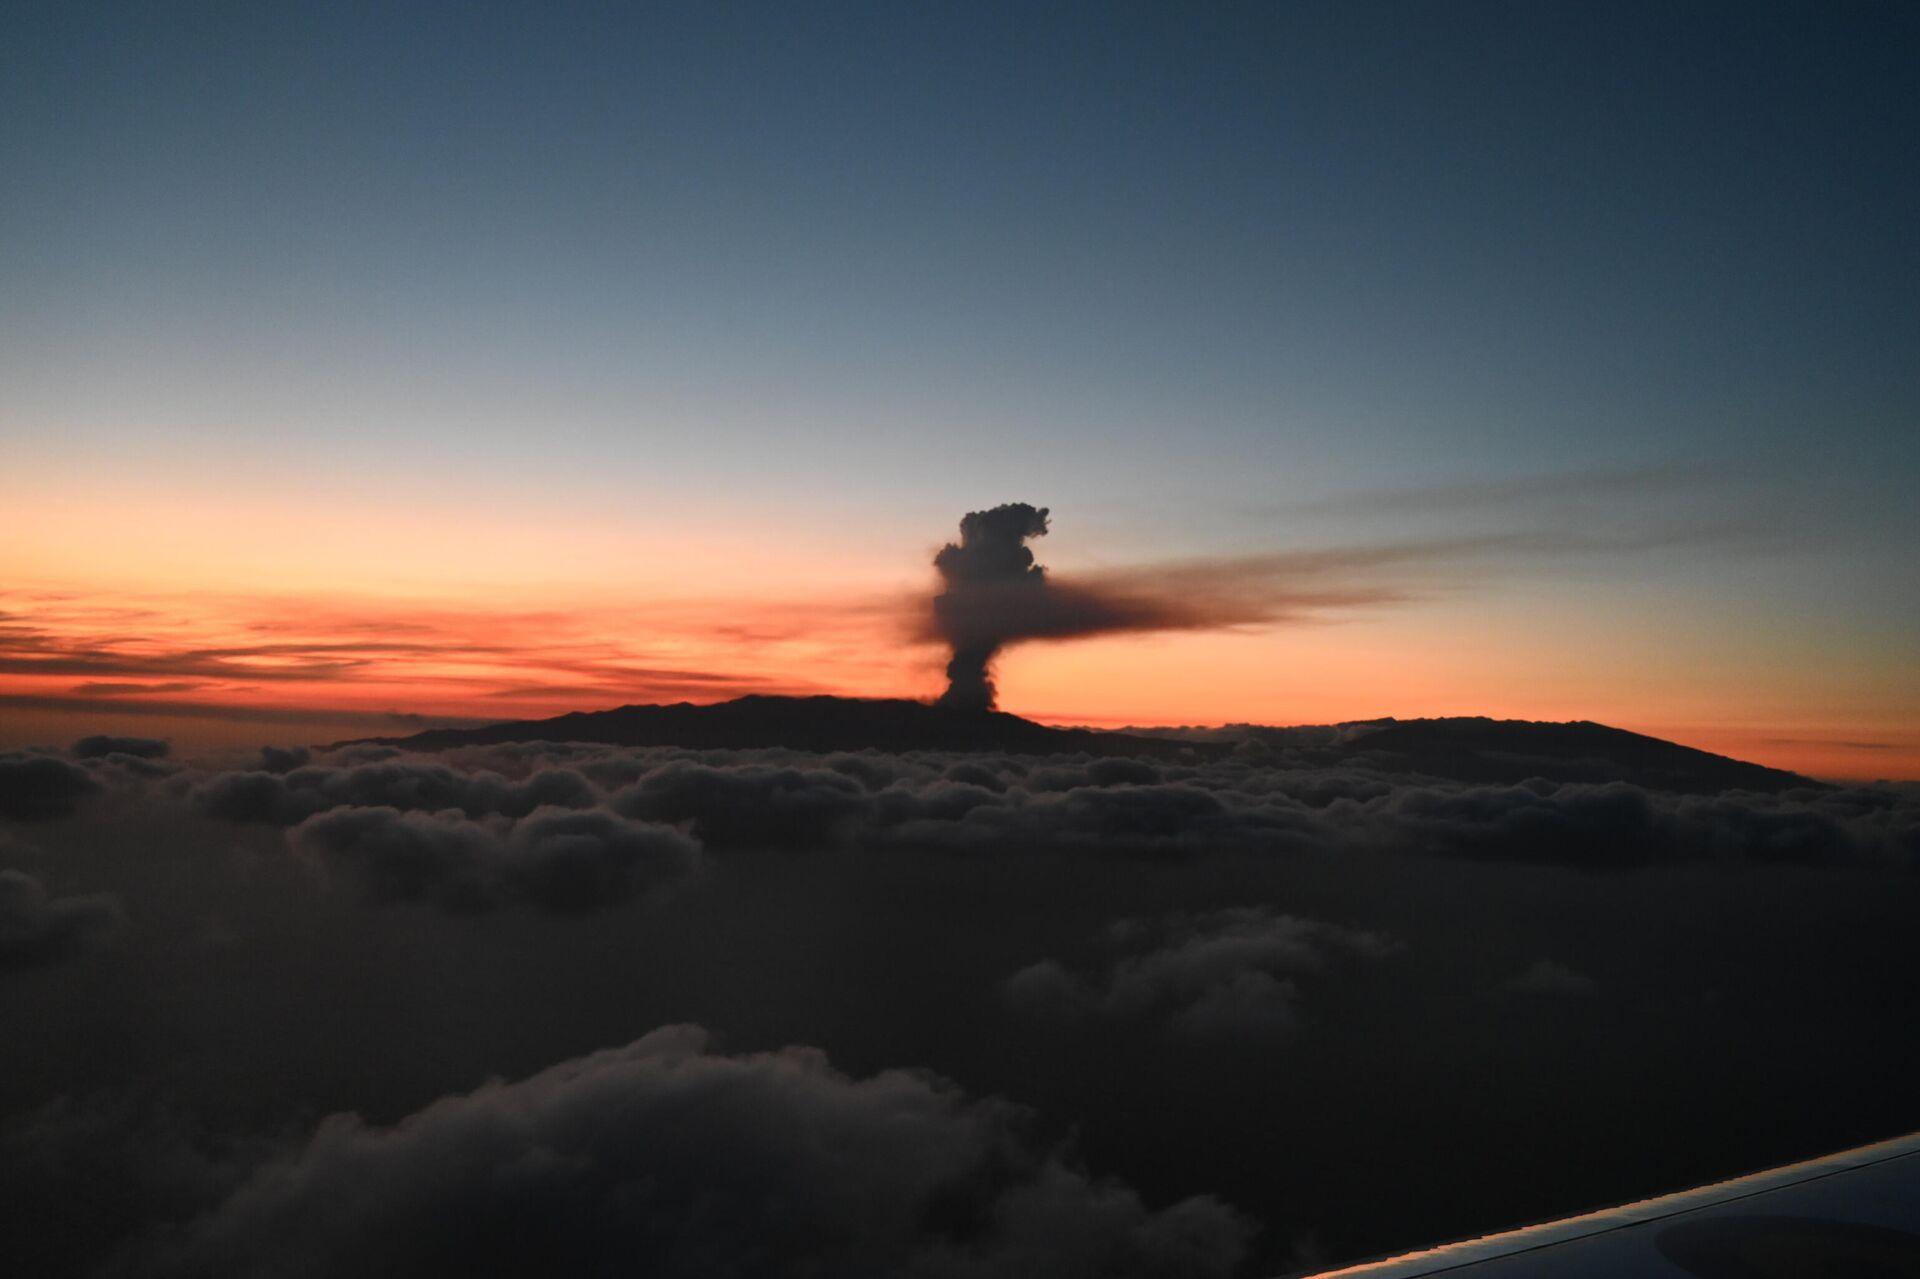 Humo causado por la erupción del volcán en la isla de La Palma, España - Sputnik Mundo, 1920, 19.09.2021